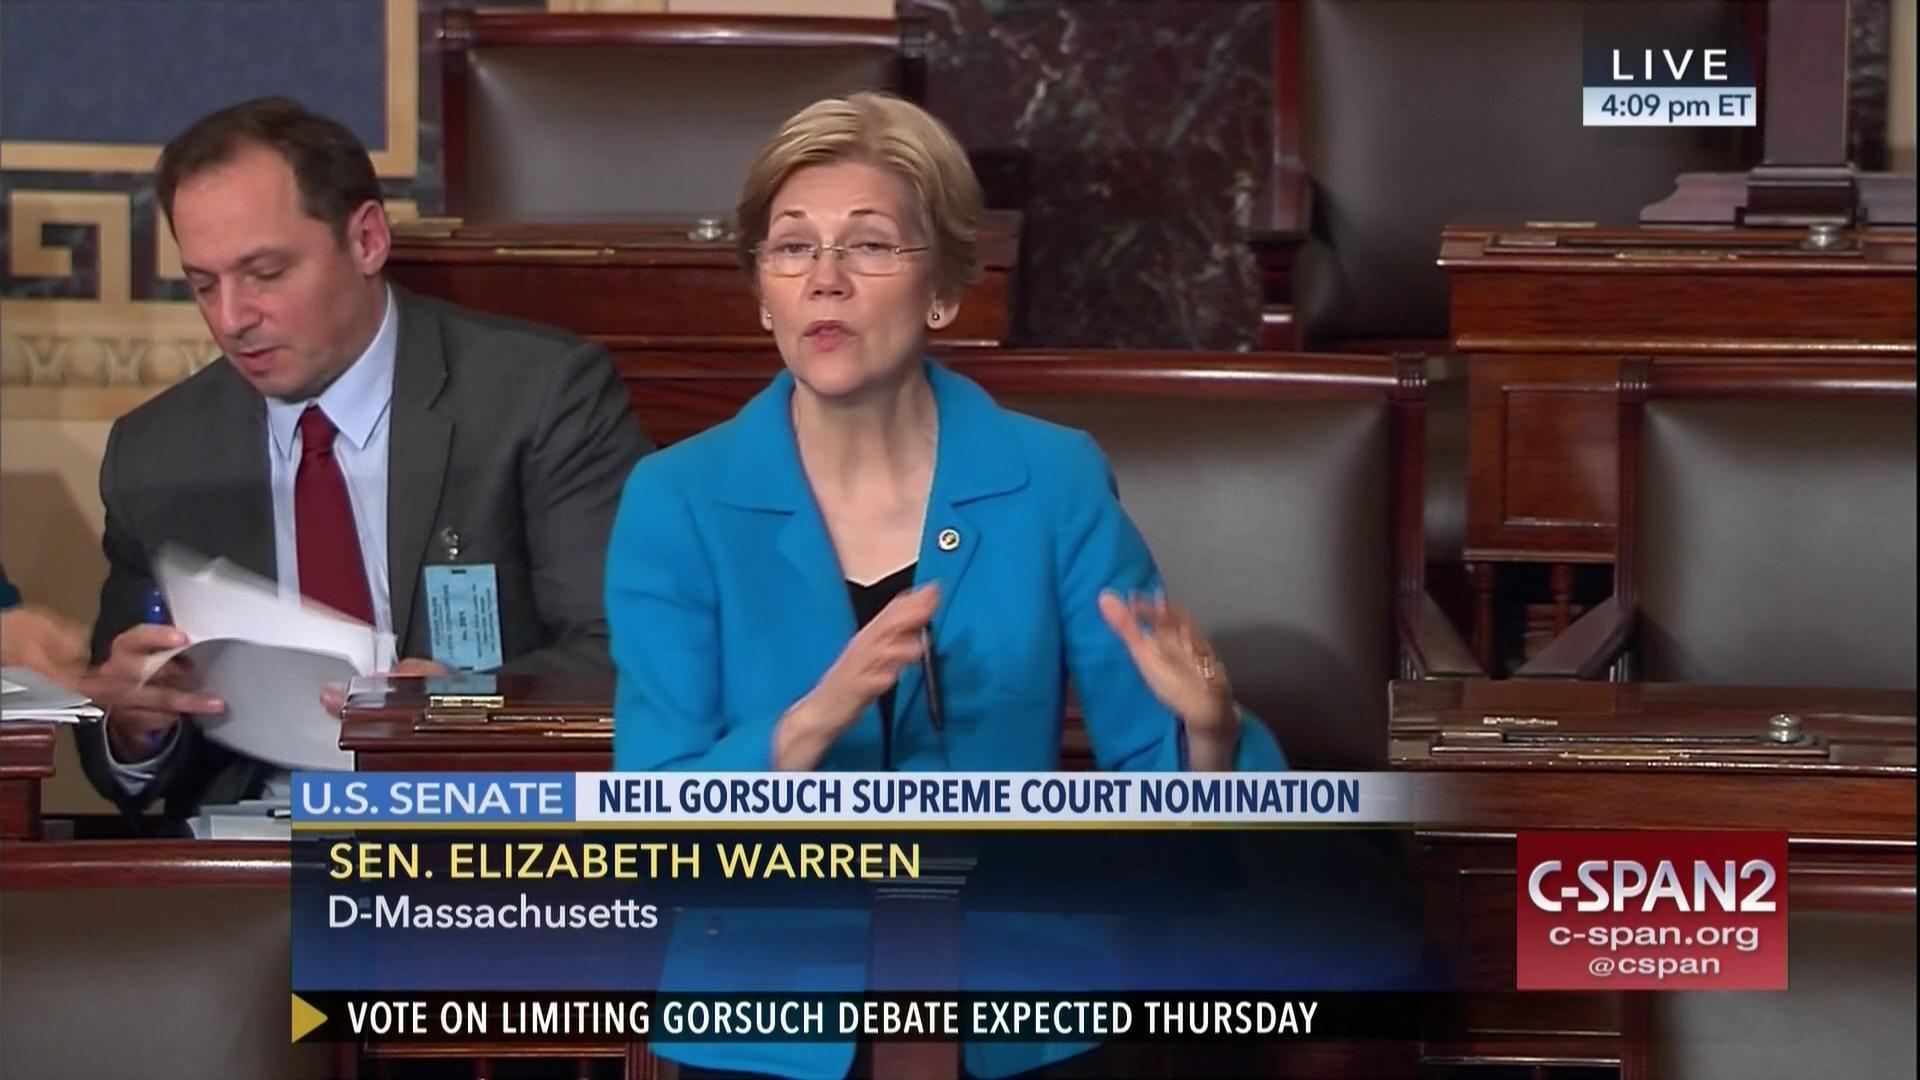 Sen  Elizabeth Warren on Judge Neil Gorsuch